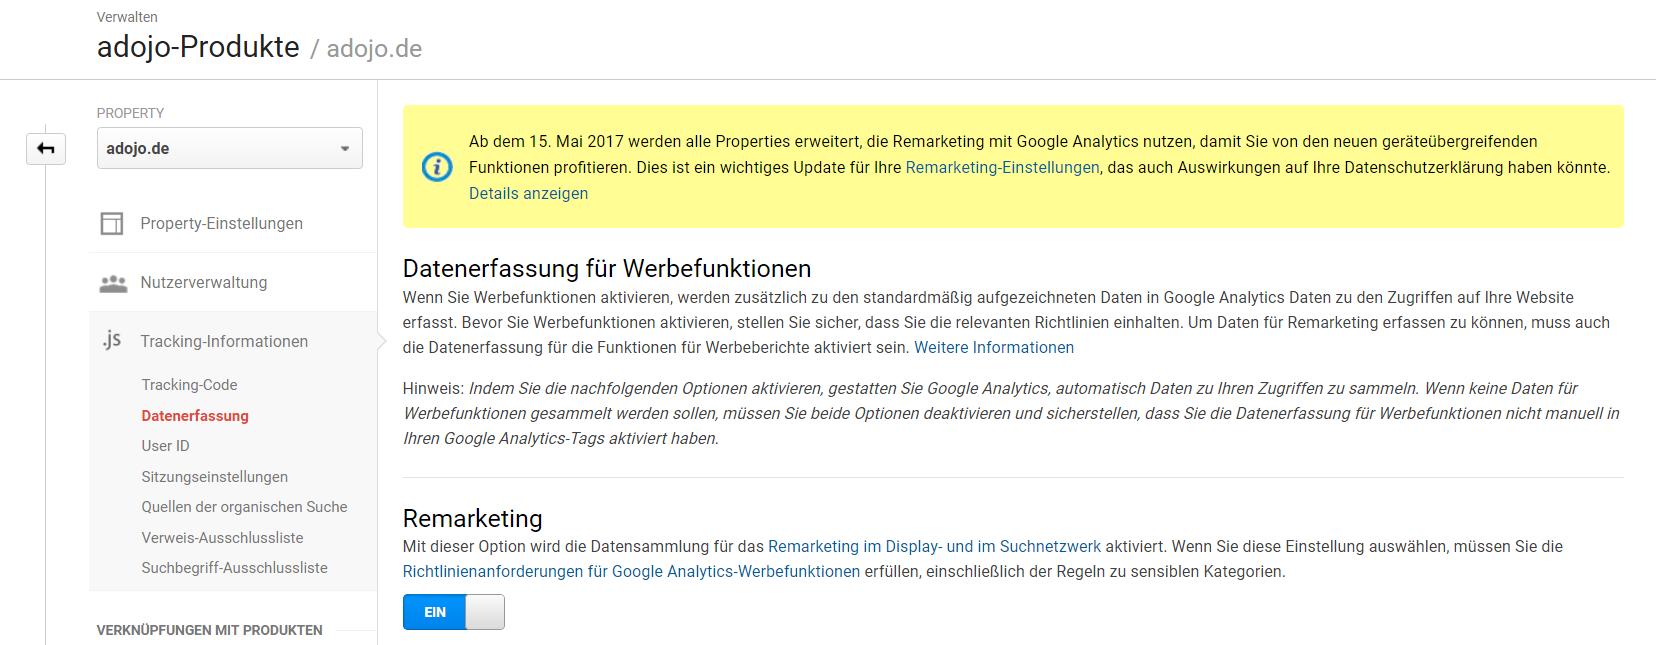 Google Analytics Verwaltung_Hinweis geräteübergreifendes Remarketing